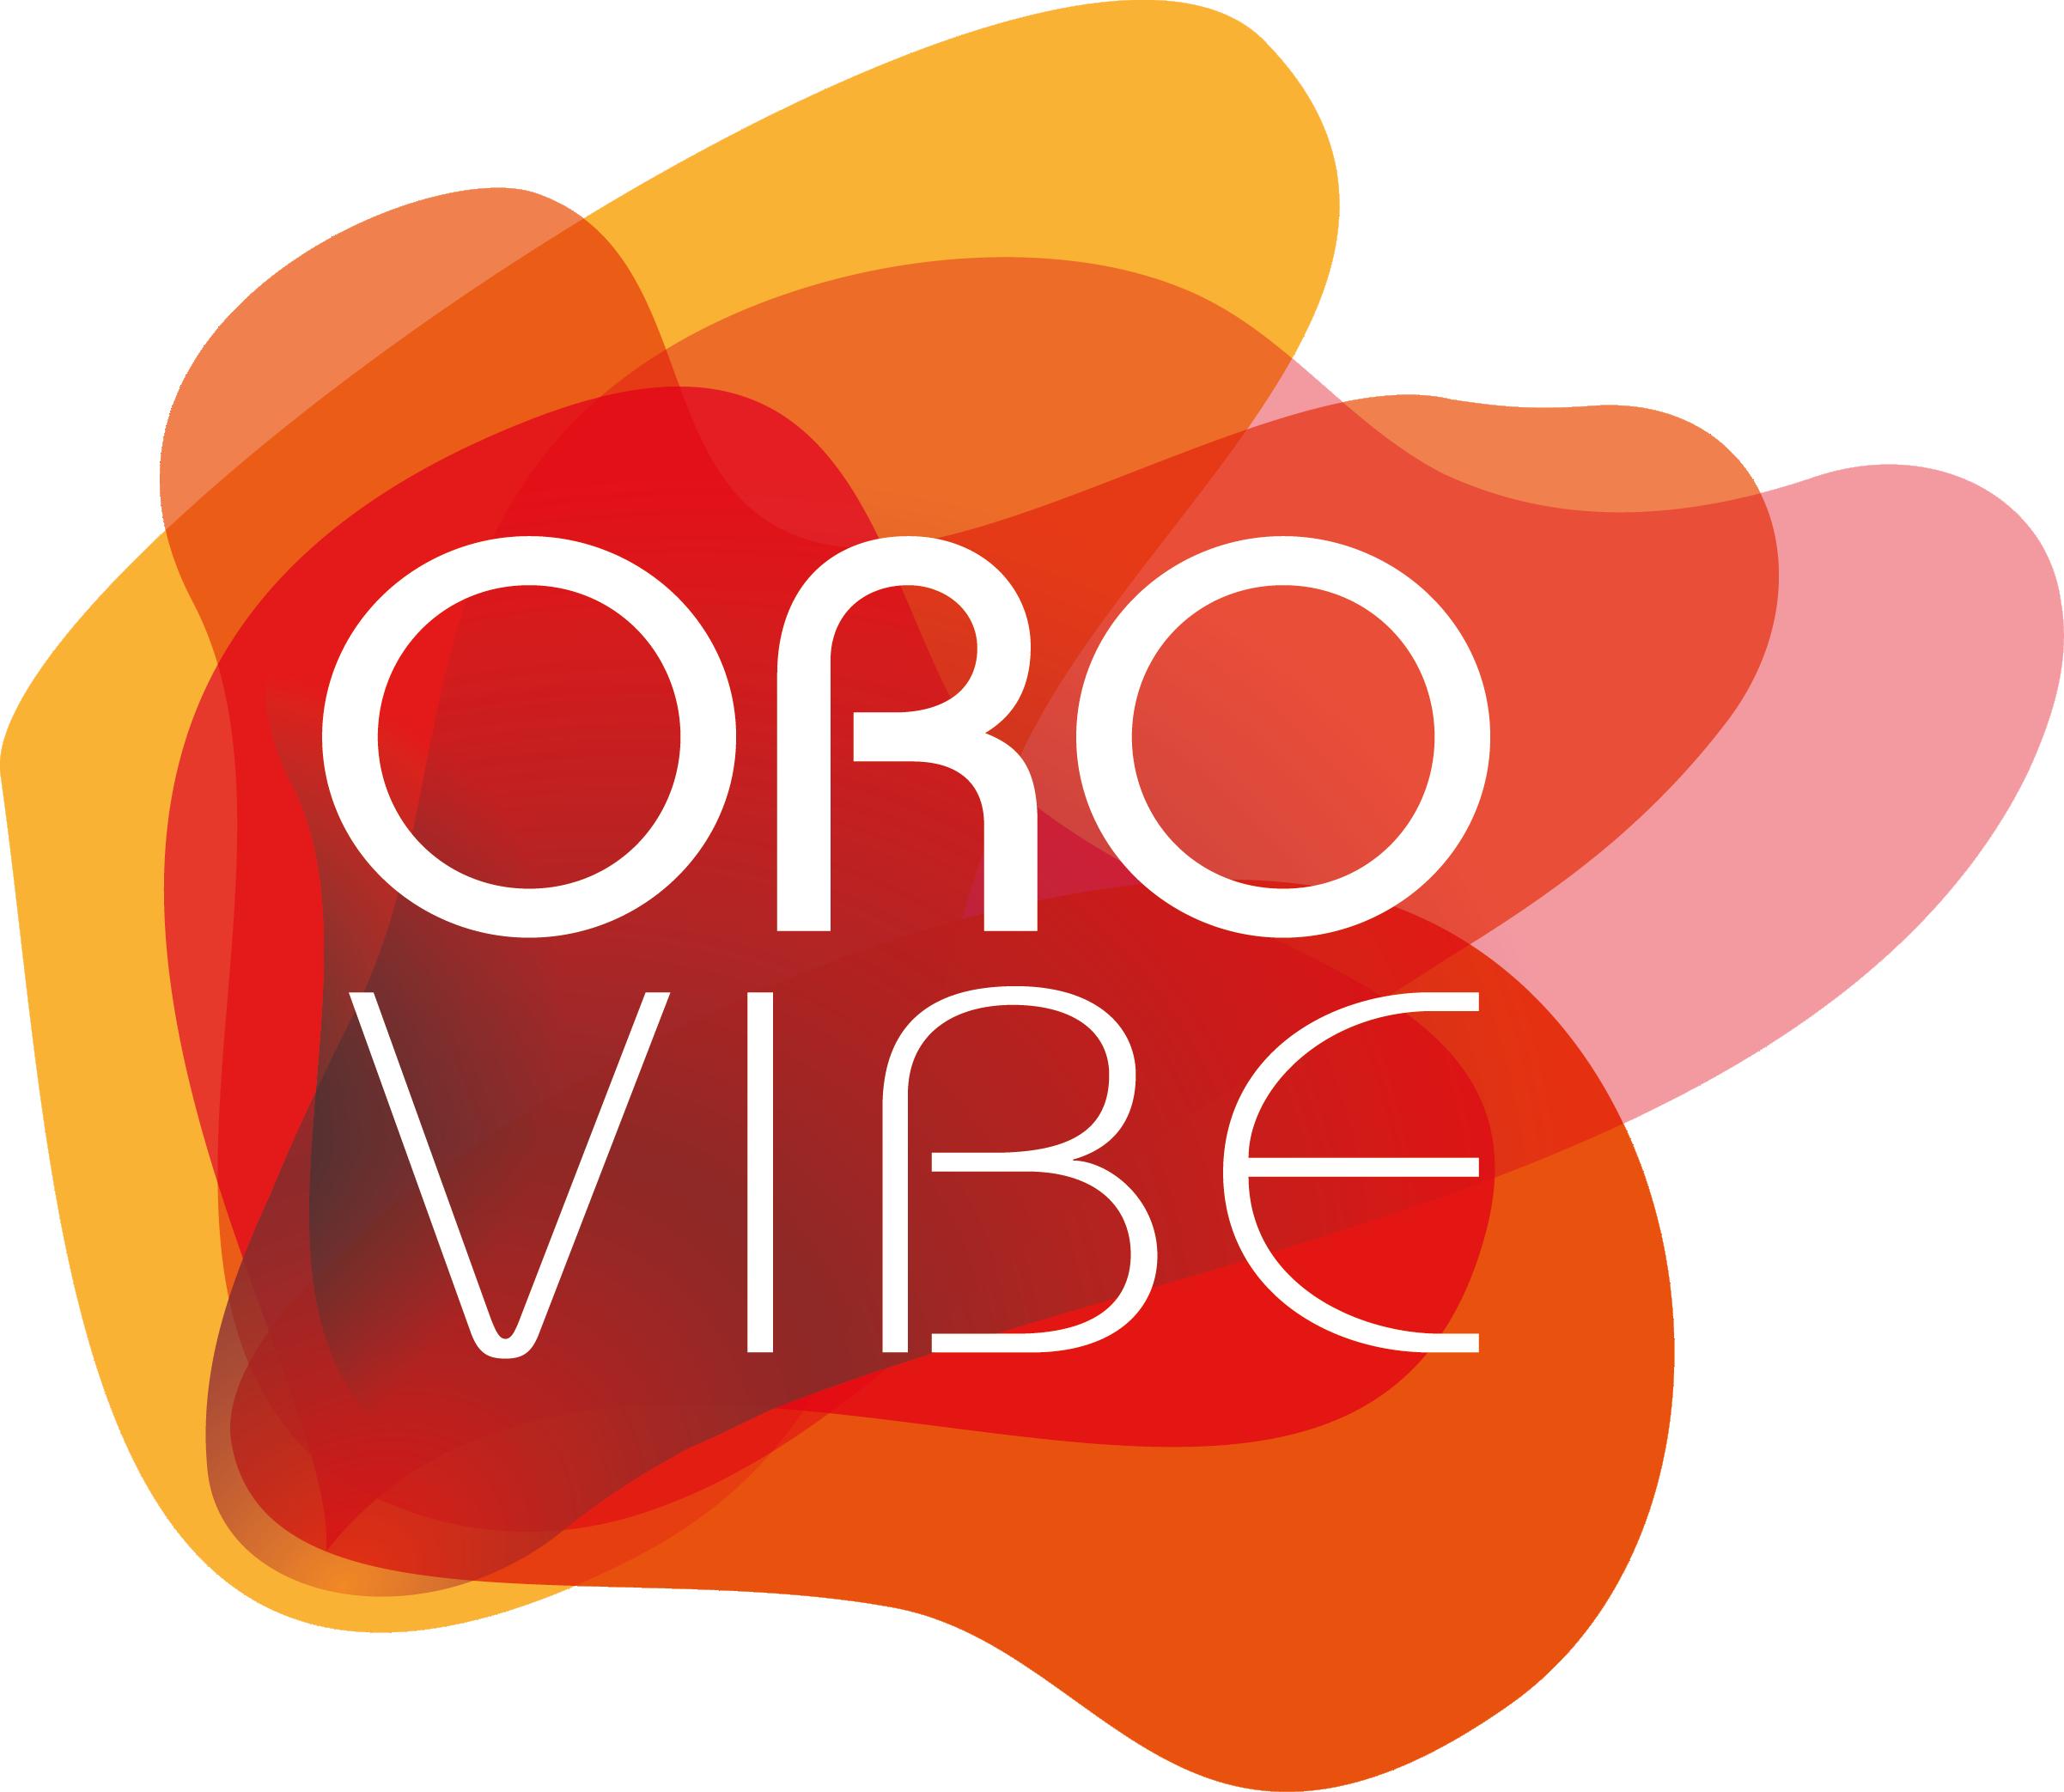 https://www.orovibe.com/en